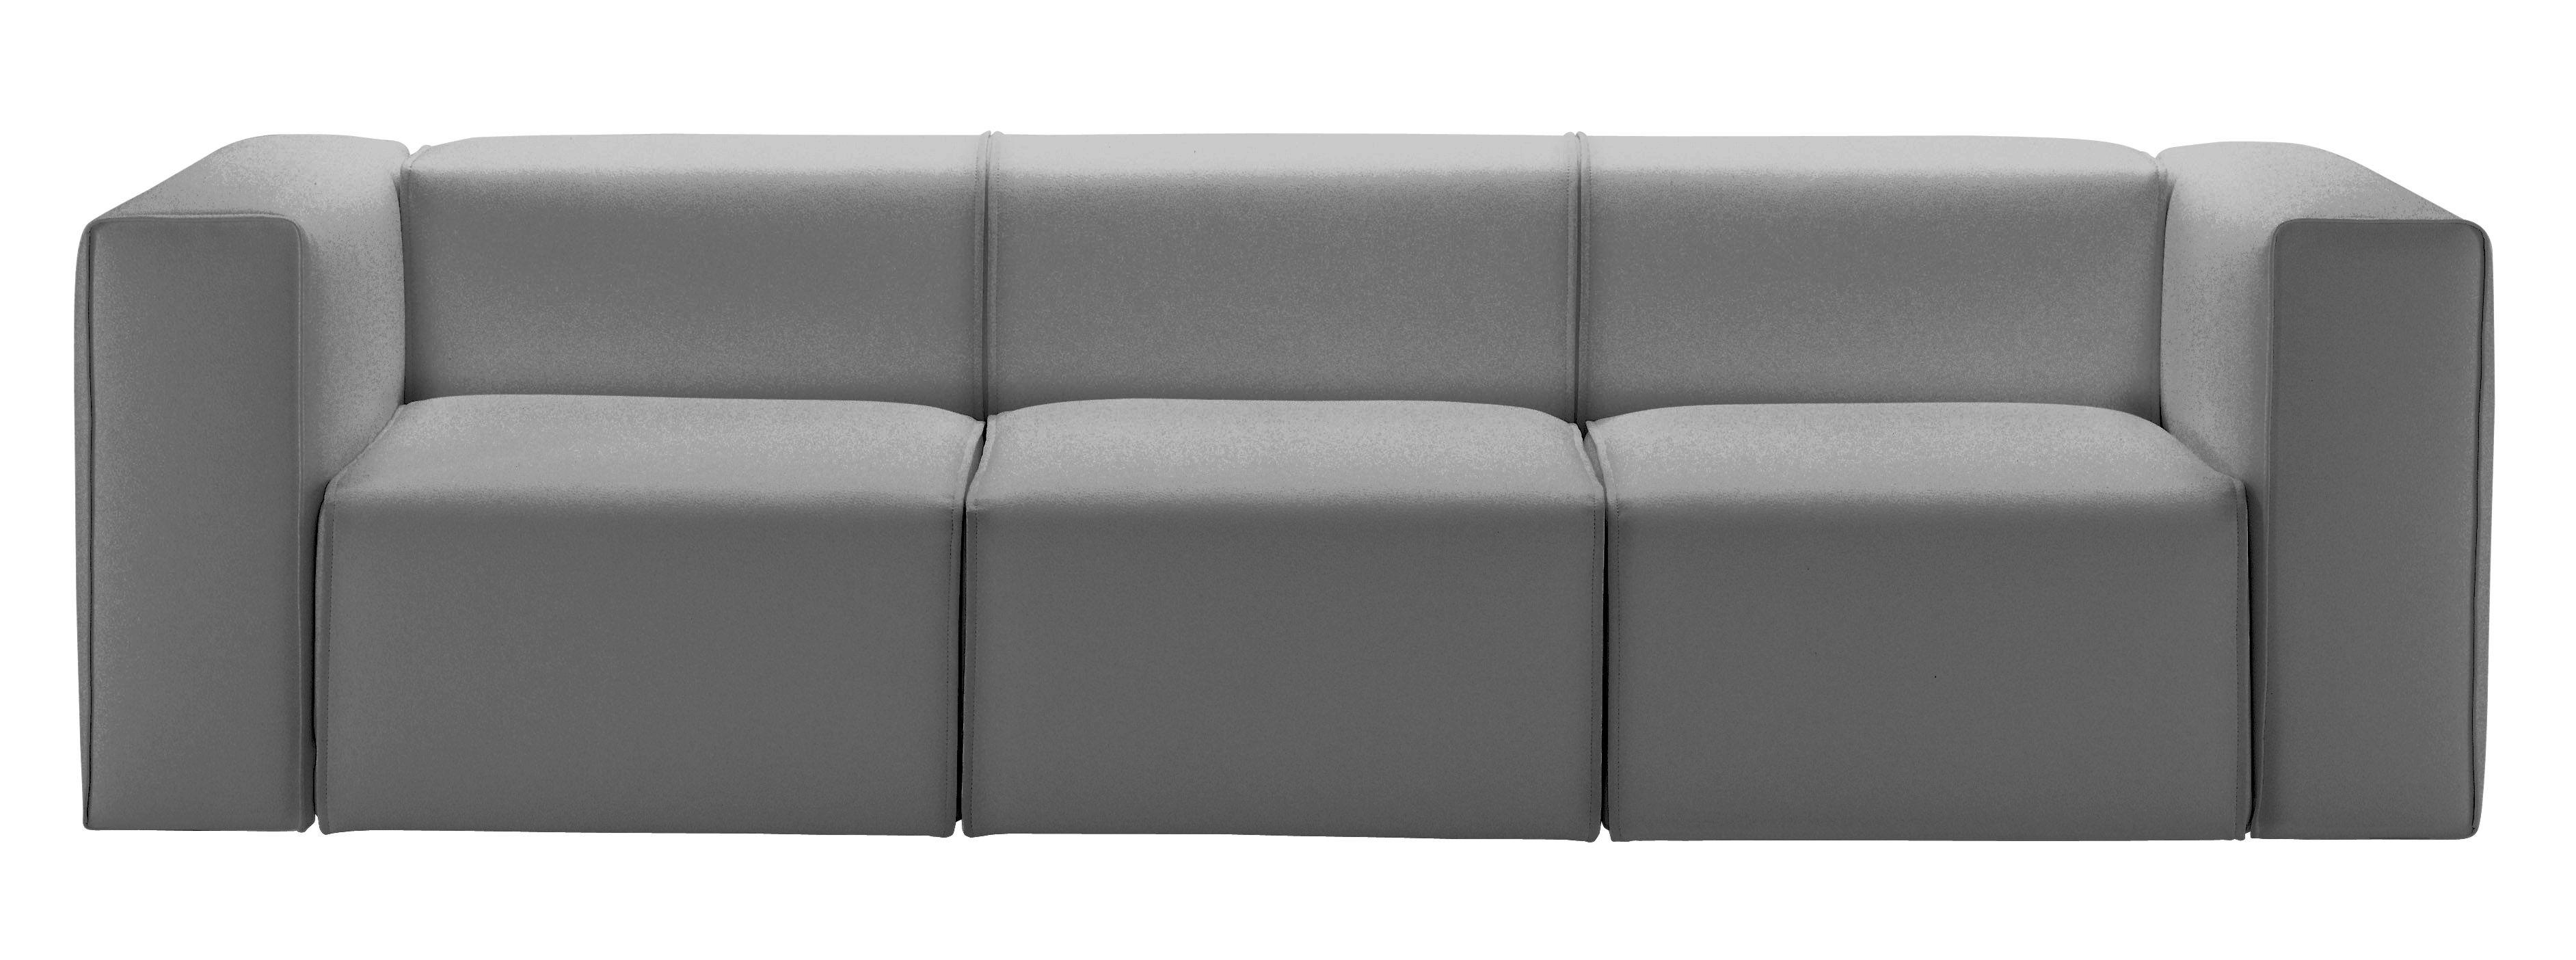 Scopri divano destro gamma tessuto 3 posti tessuto - Divano grigio antracite ...